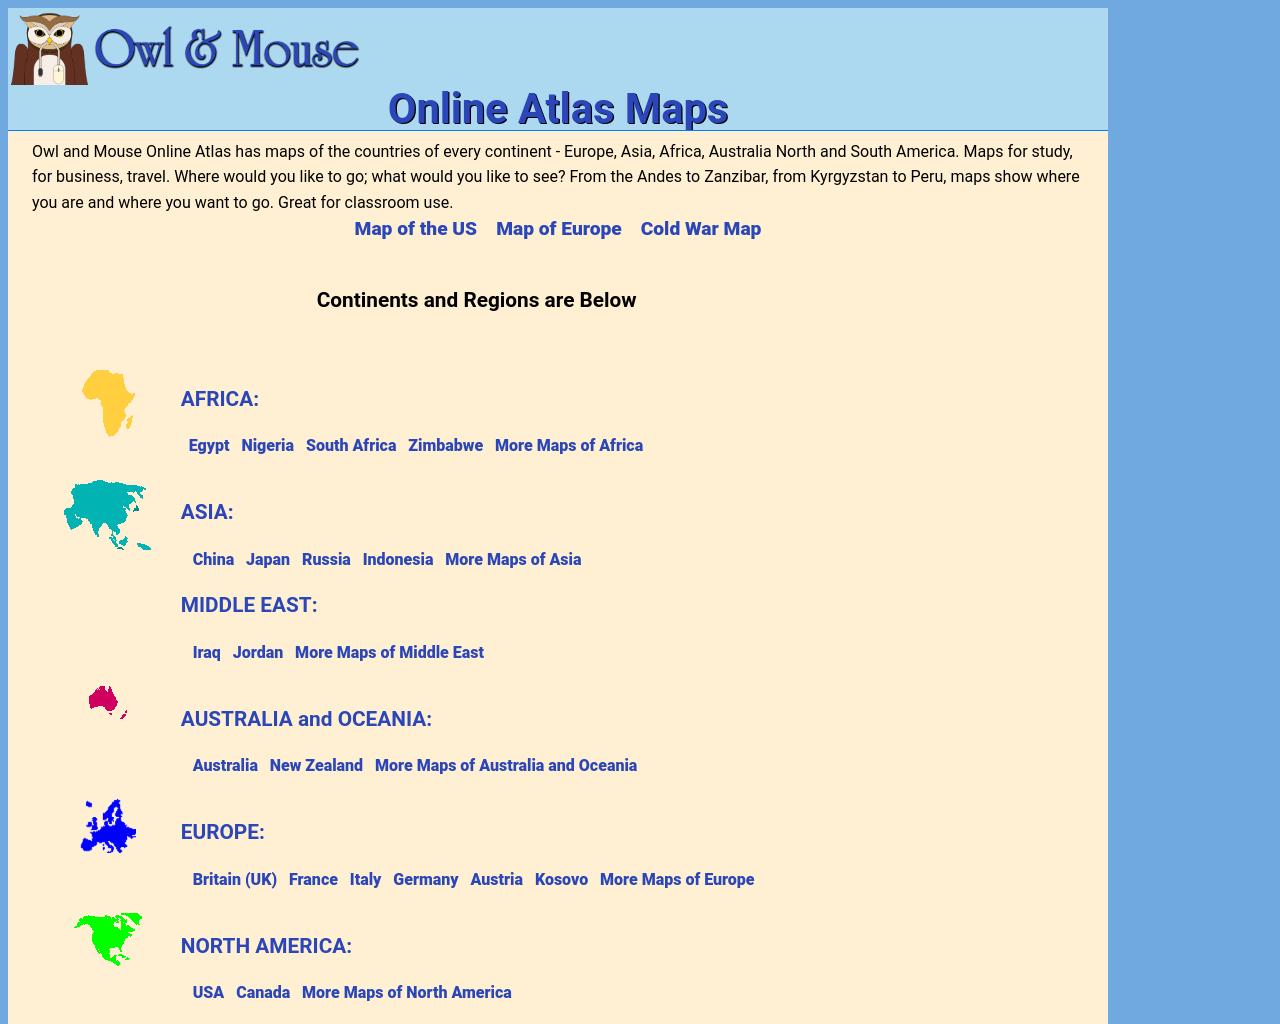 Online Atlas Maps